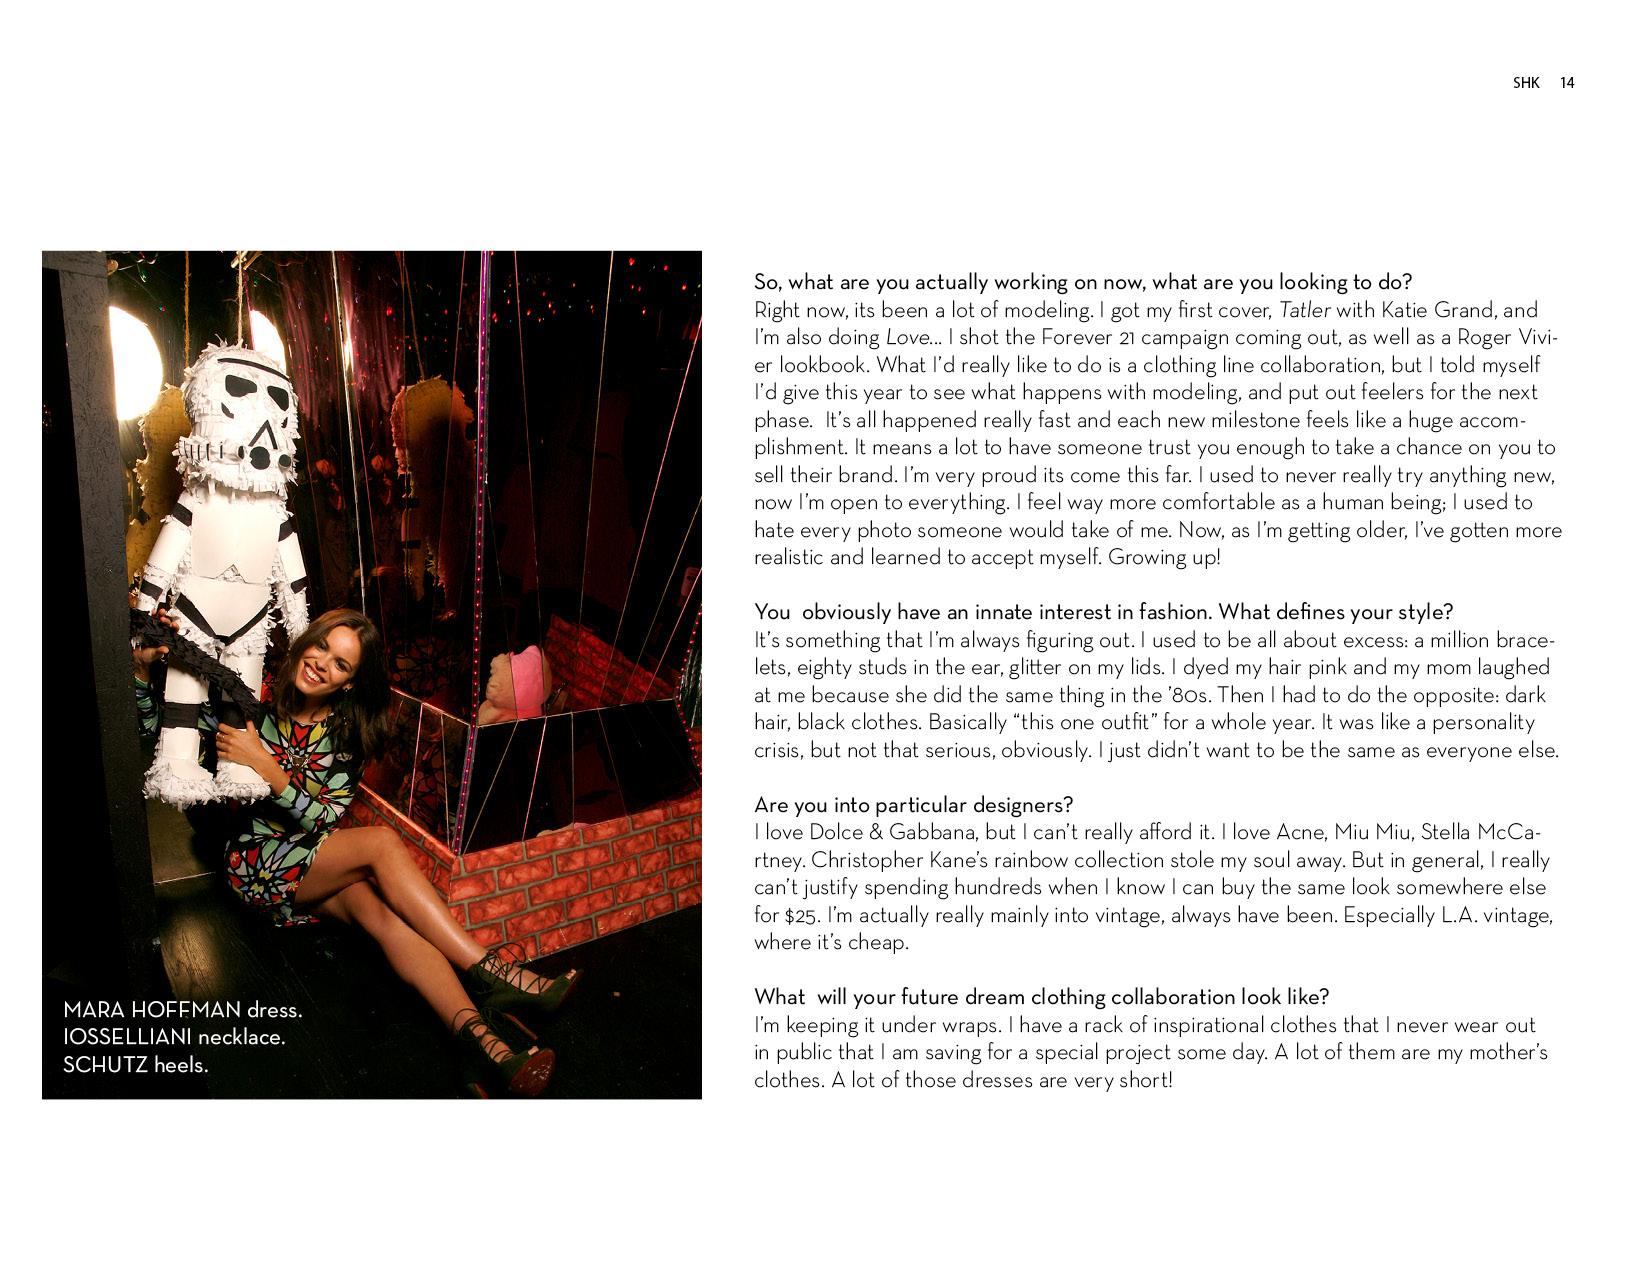 SHK-Summer-Issue-Summer-Needs-No-Explaination-201314.jpg